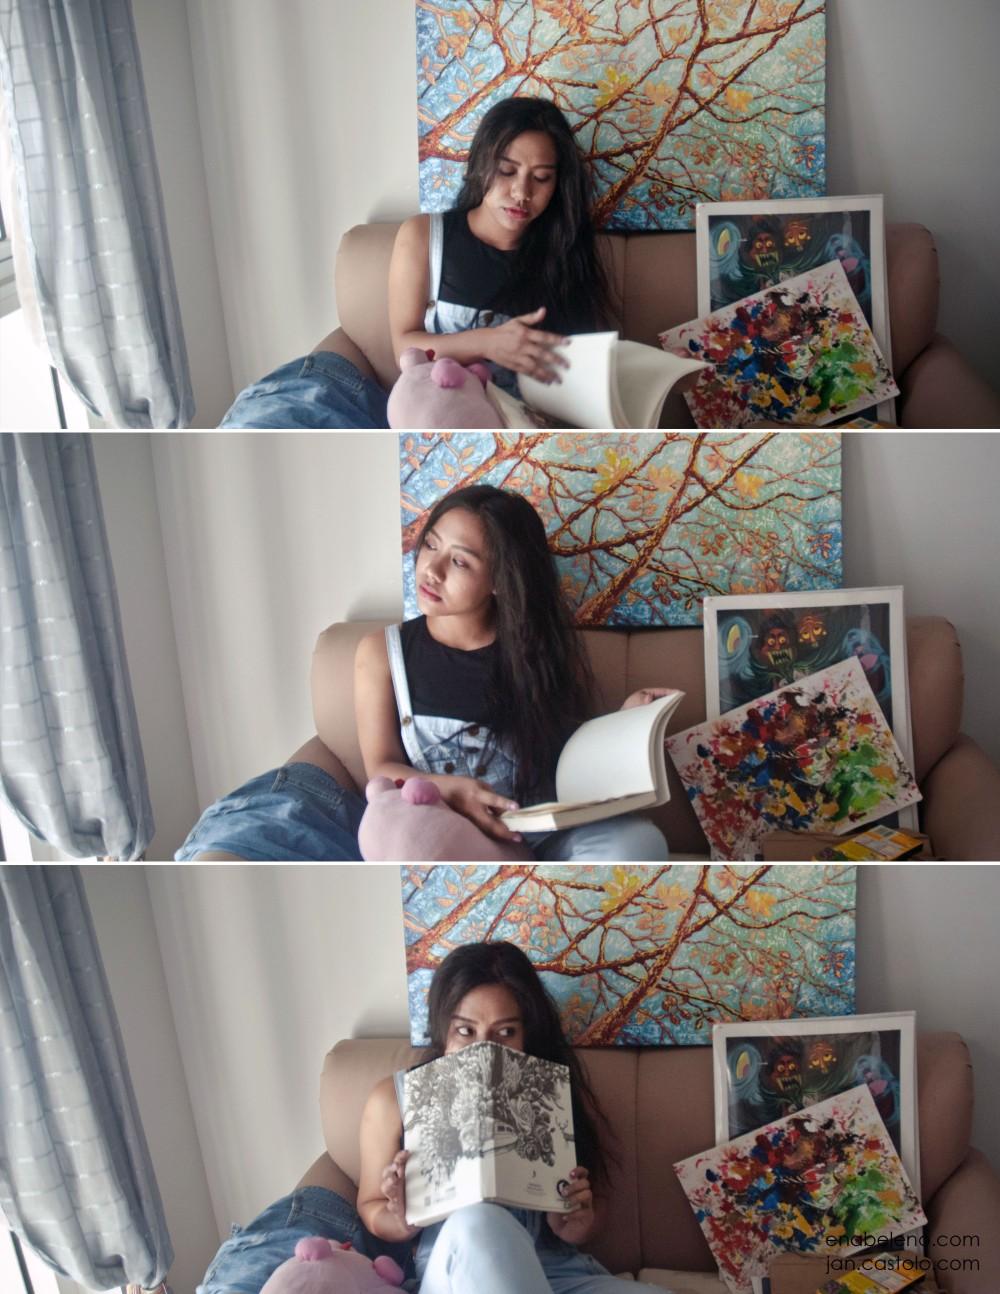 Ena Beleno Paintings Photoshoot